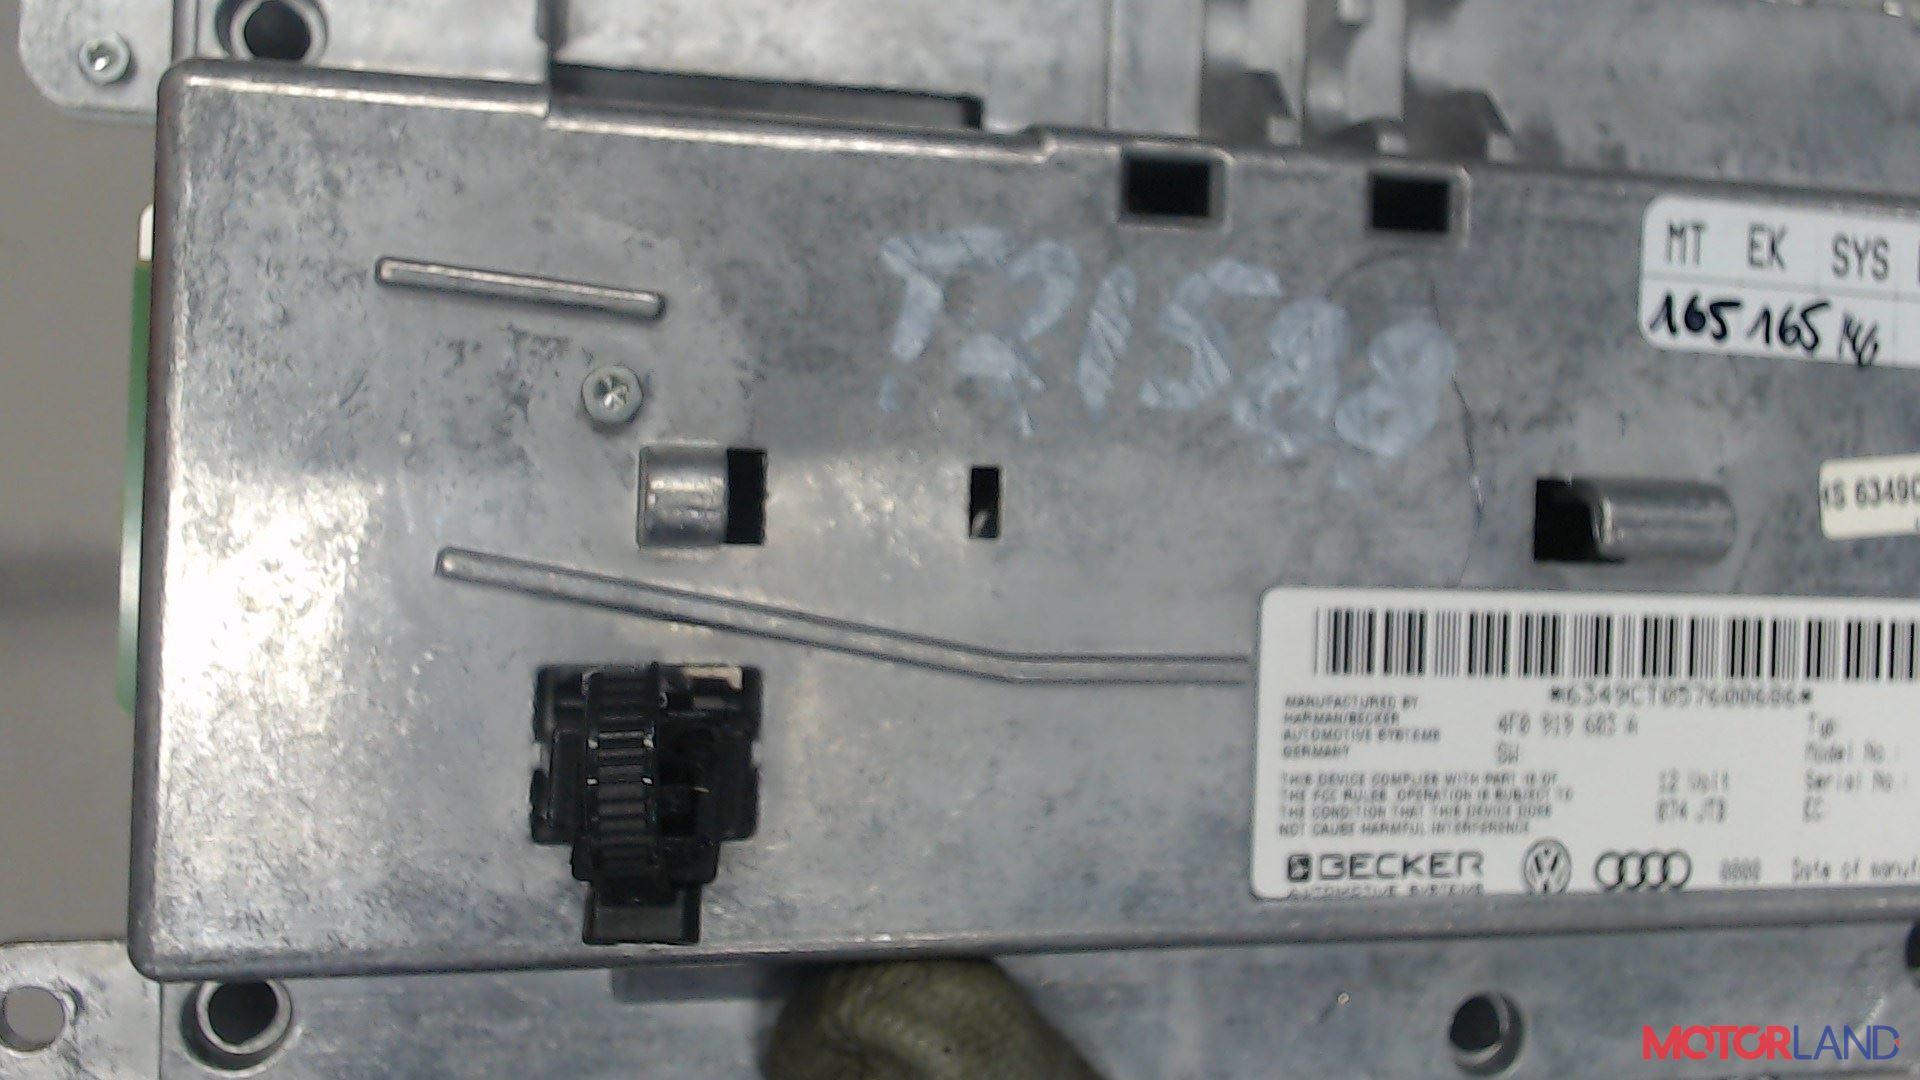 Дисплей компьютера (информационный) Audi A6 (C6) 2005-2011 3.2 л. 2005 AUK б/у #4